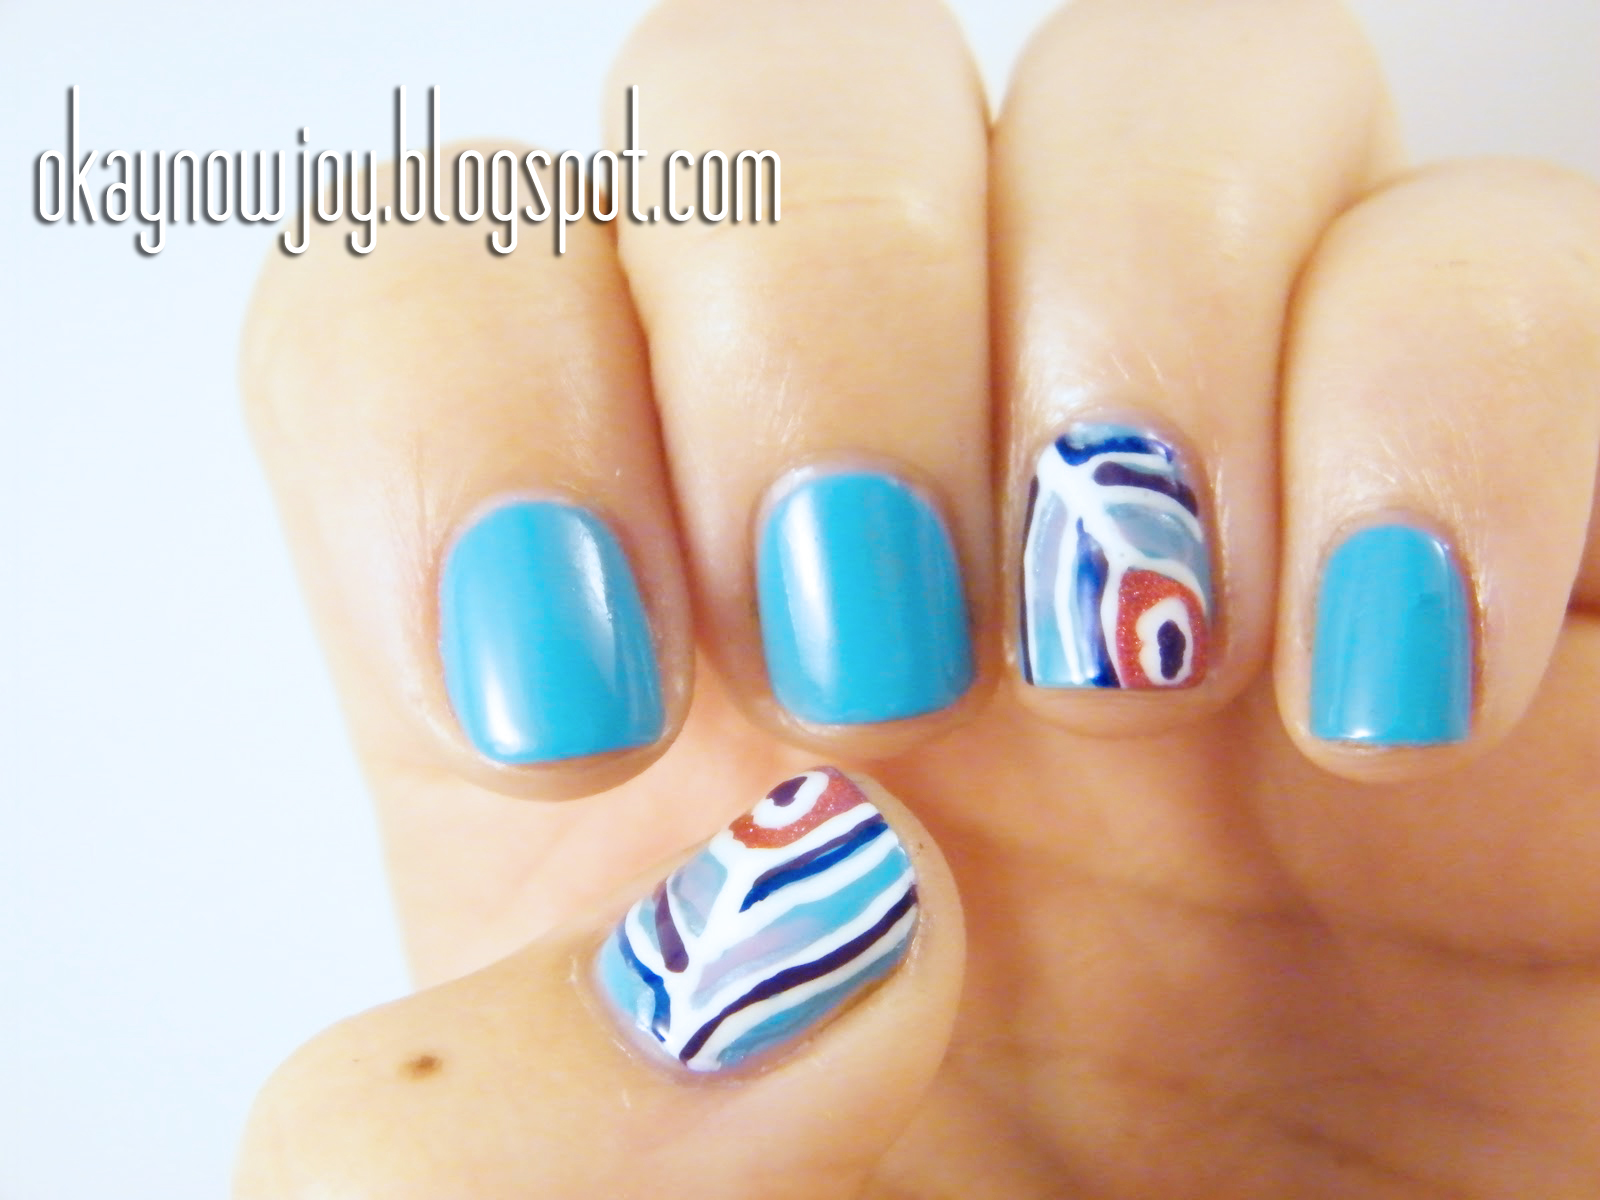 supa nails colorful gold - photo #33